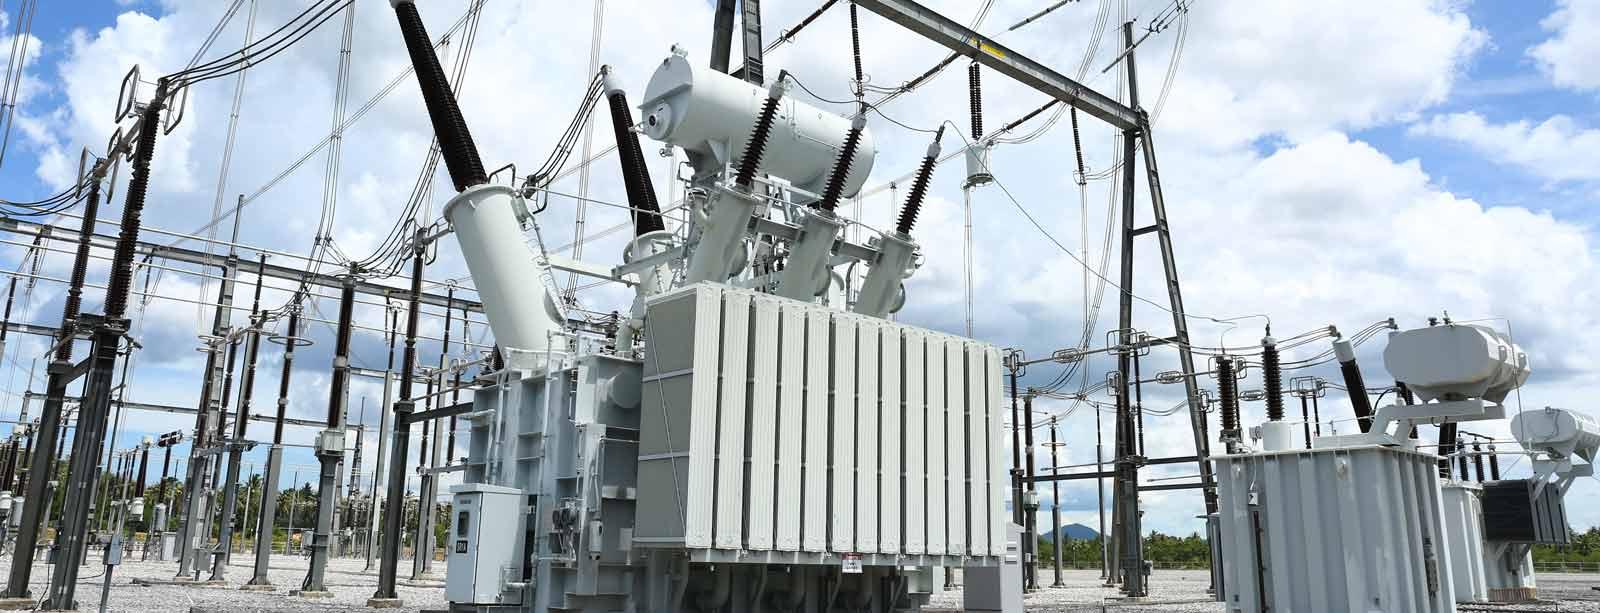 Campi elettromagnetici misurazione rischio